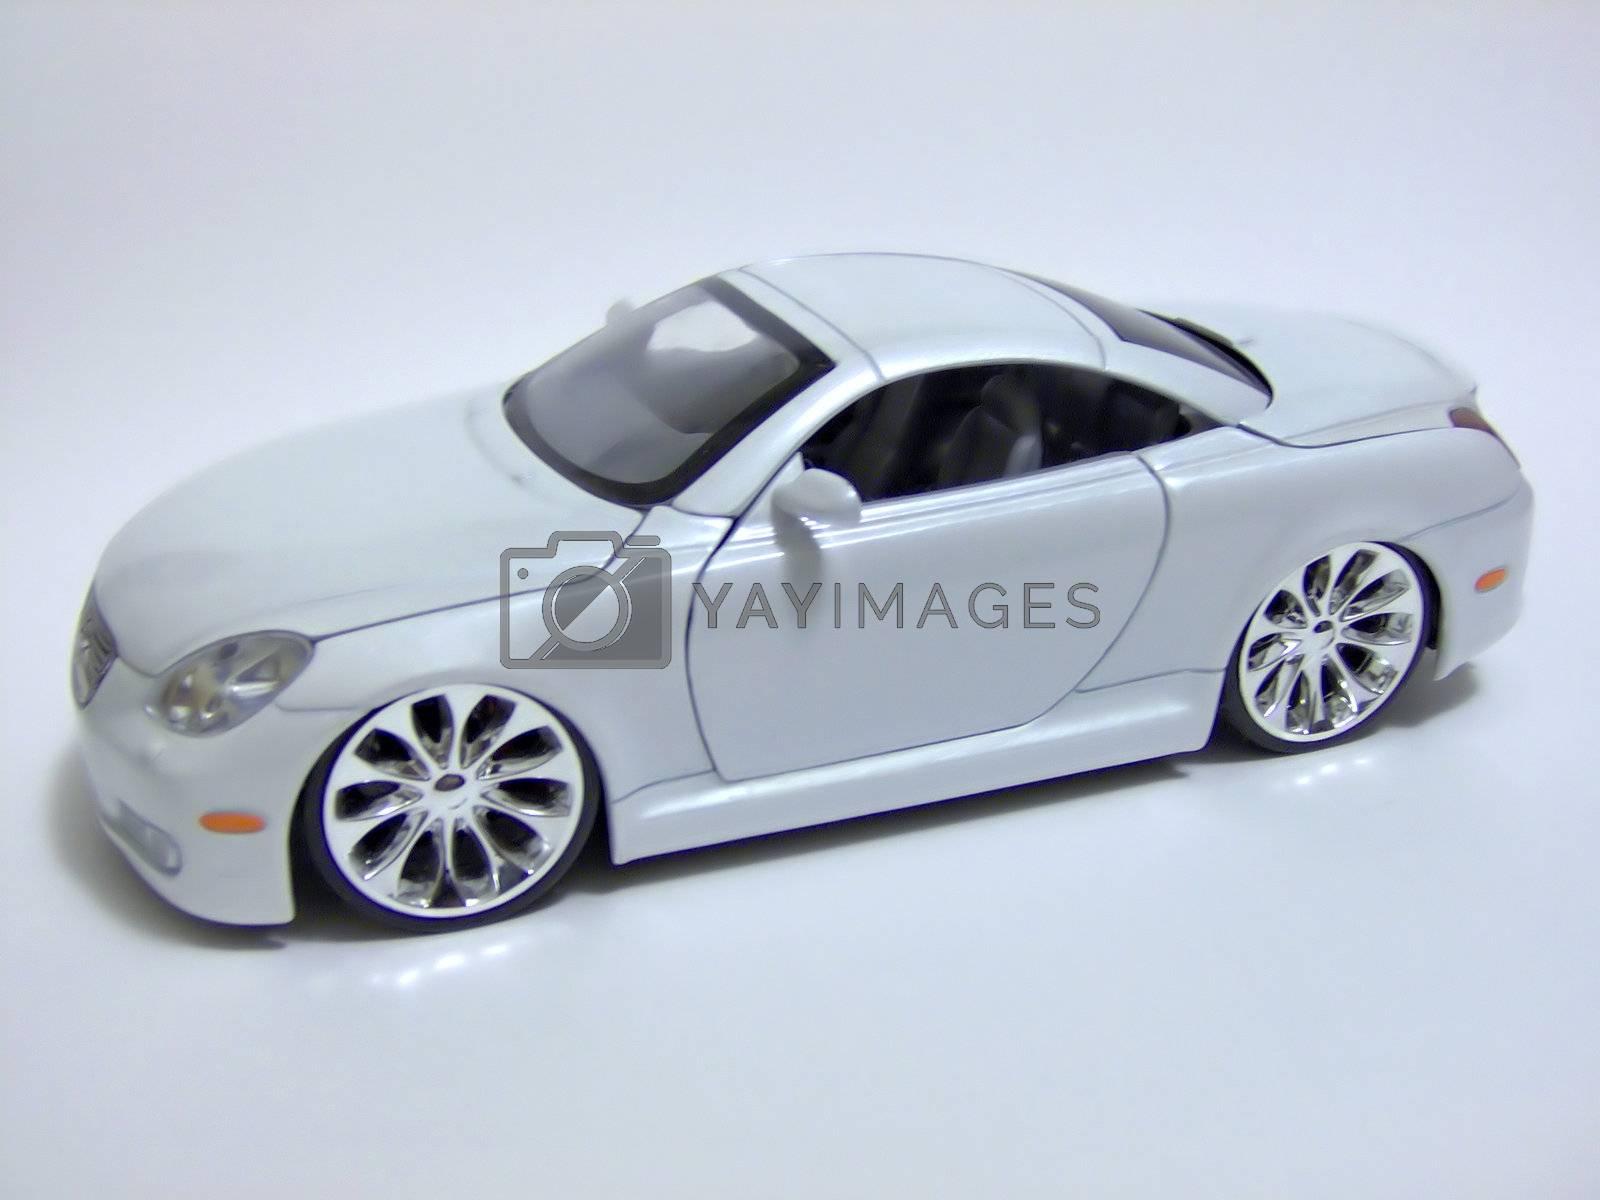 Very nice luxury car.